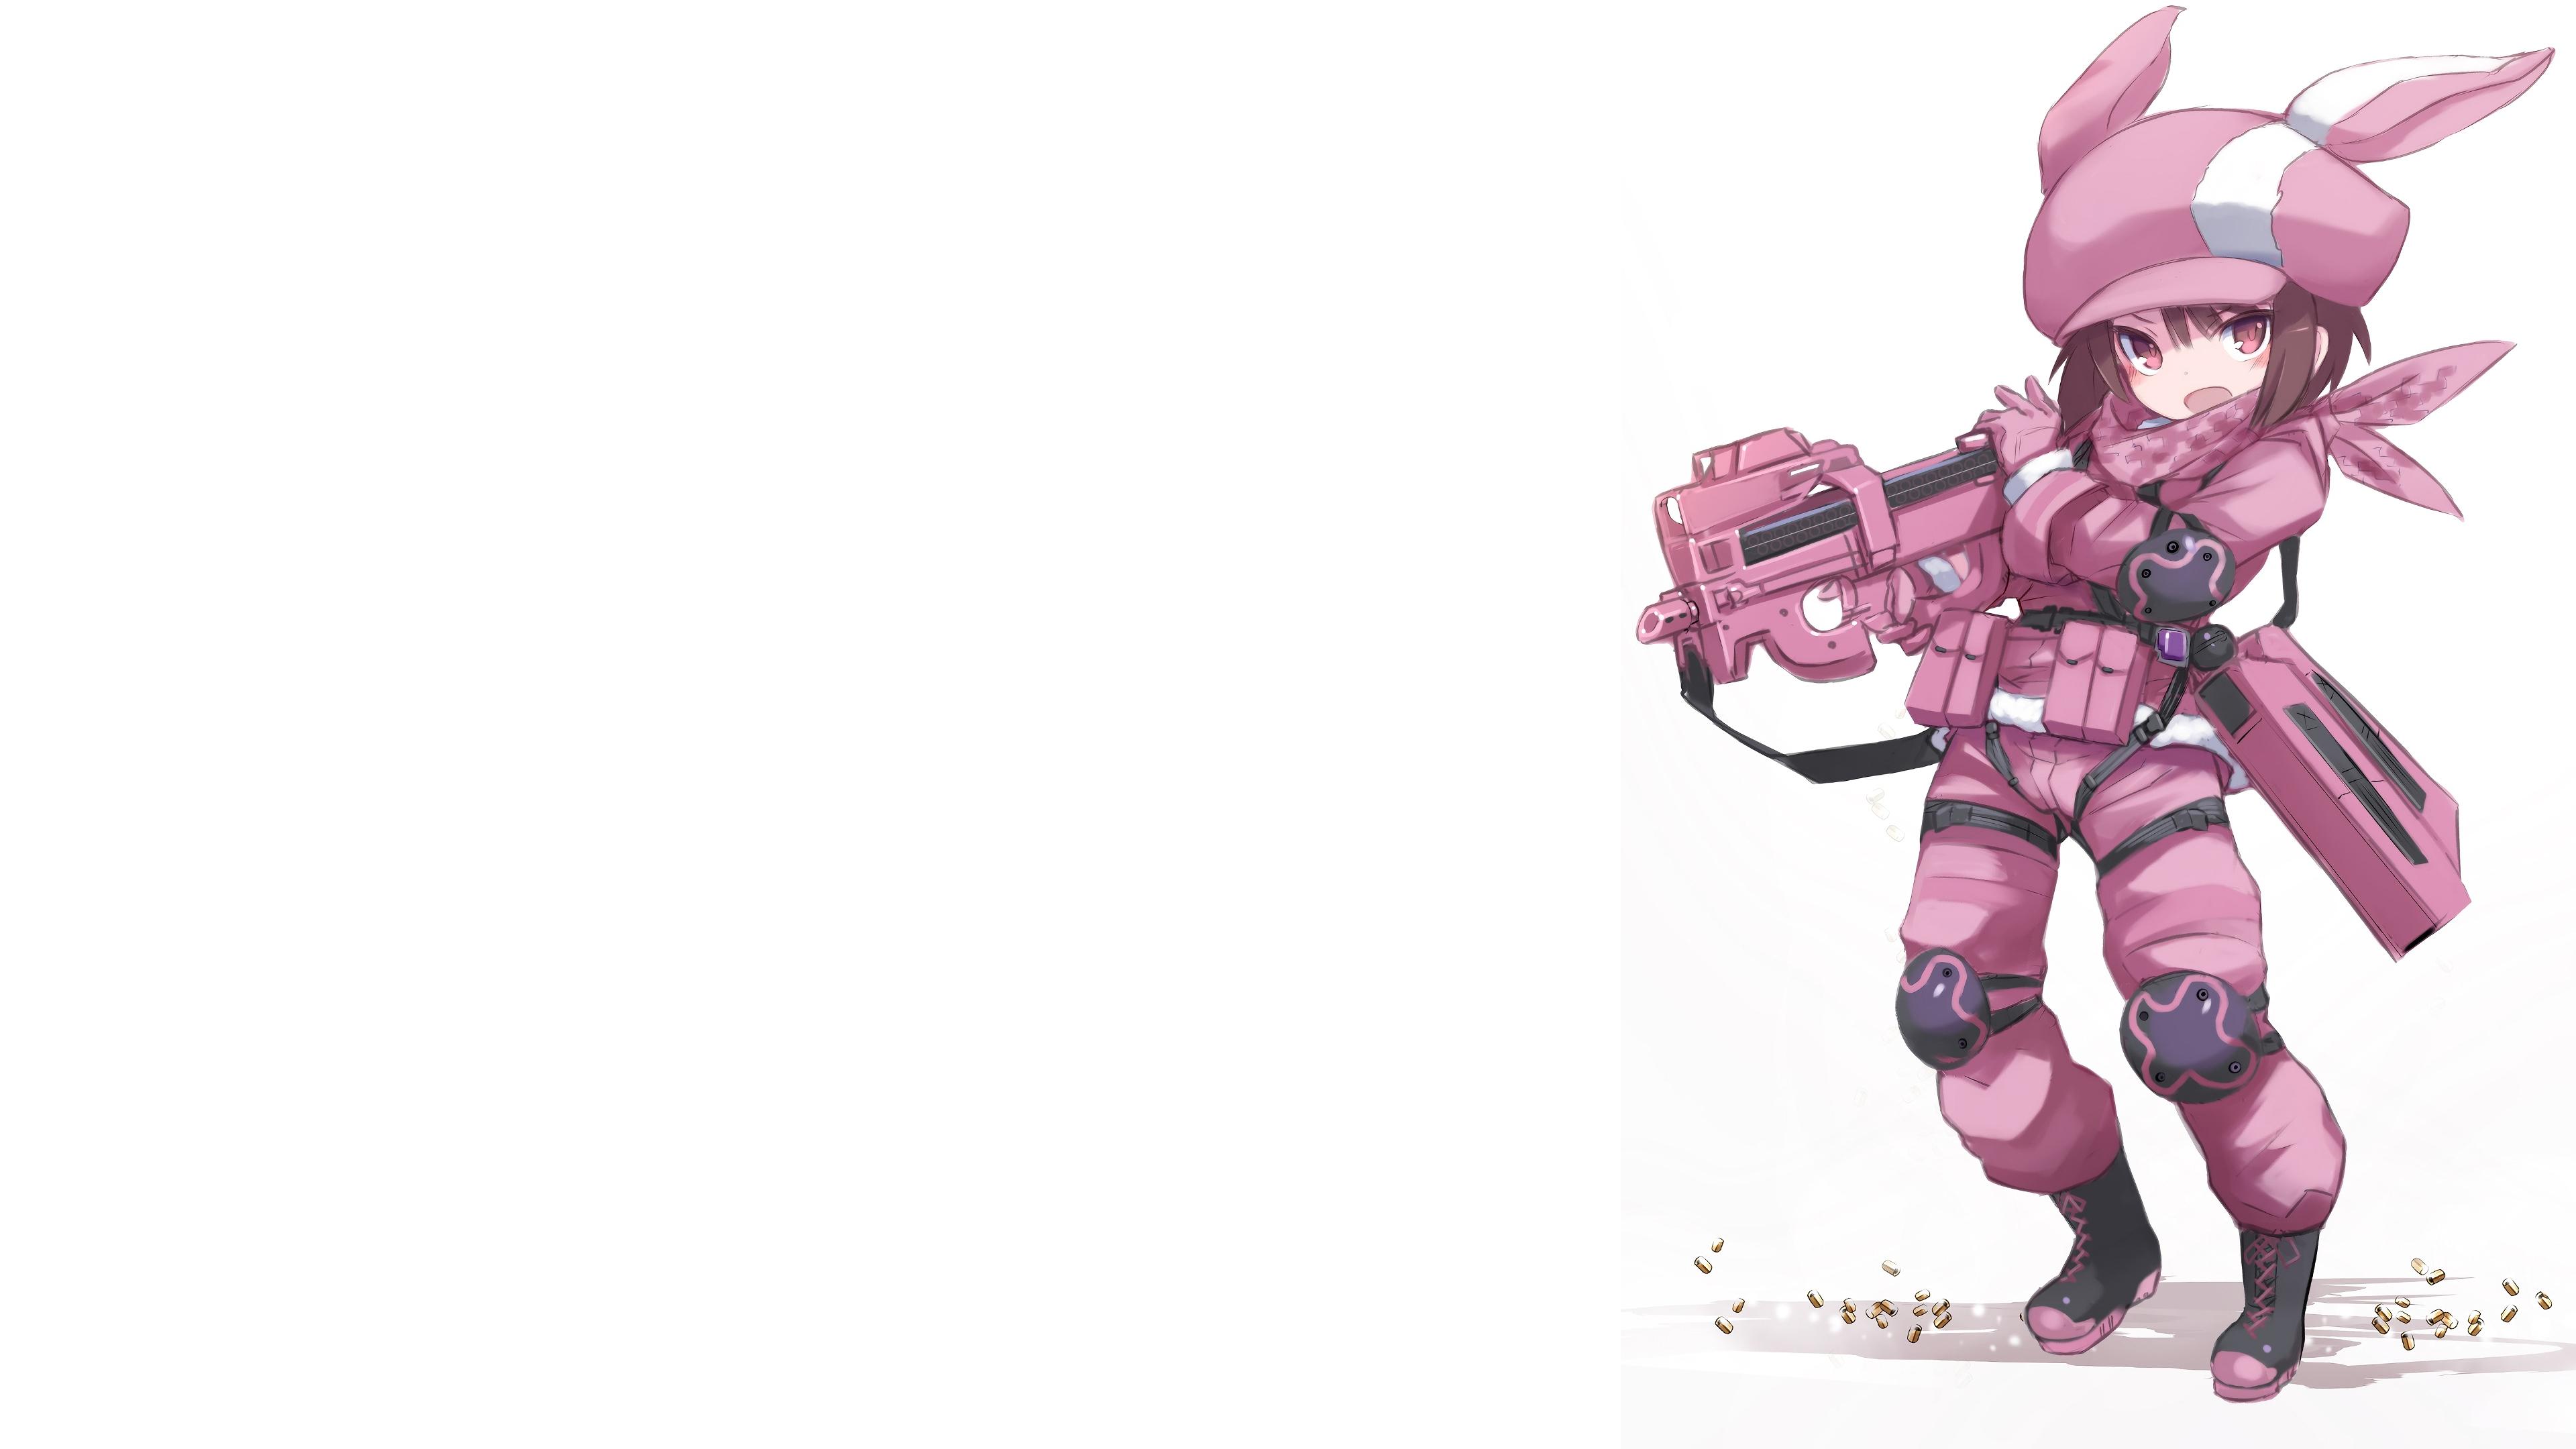 Wallpaper Hd 4k Sword Art Online Alternative Gun Gale Online 4k 8k Hd